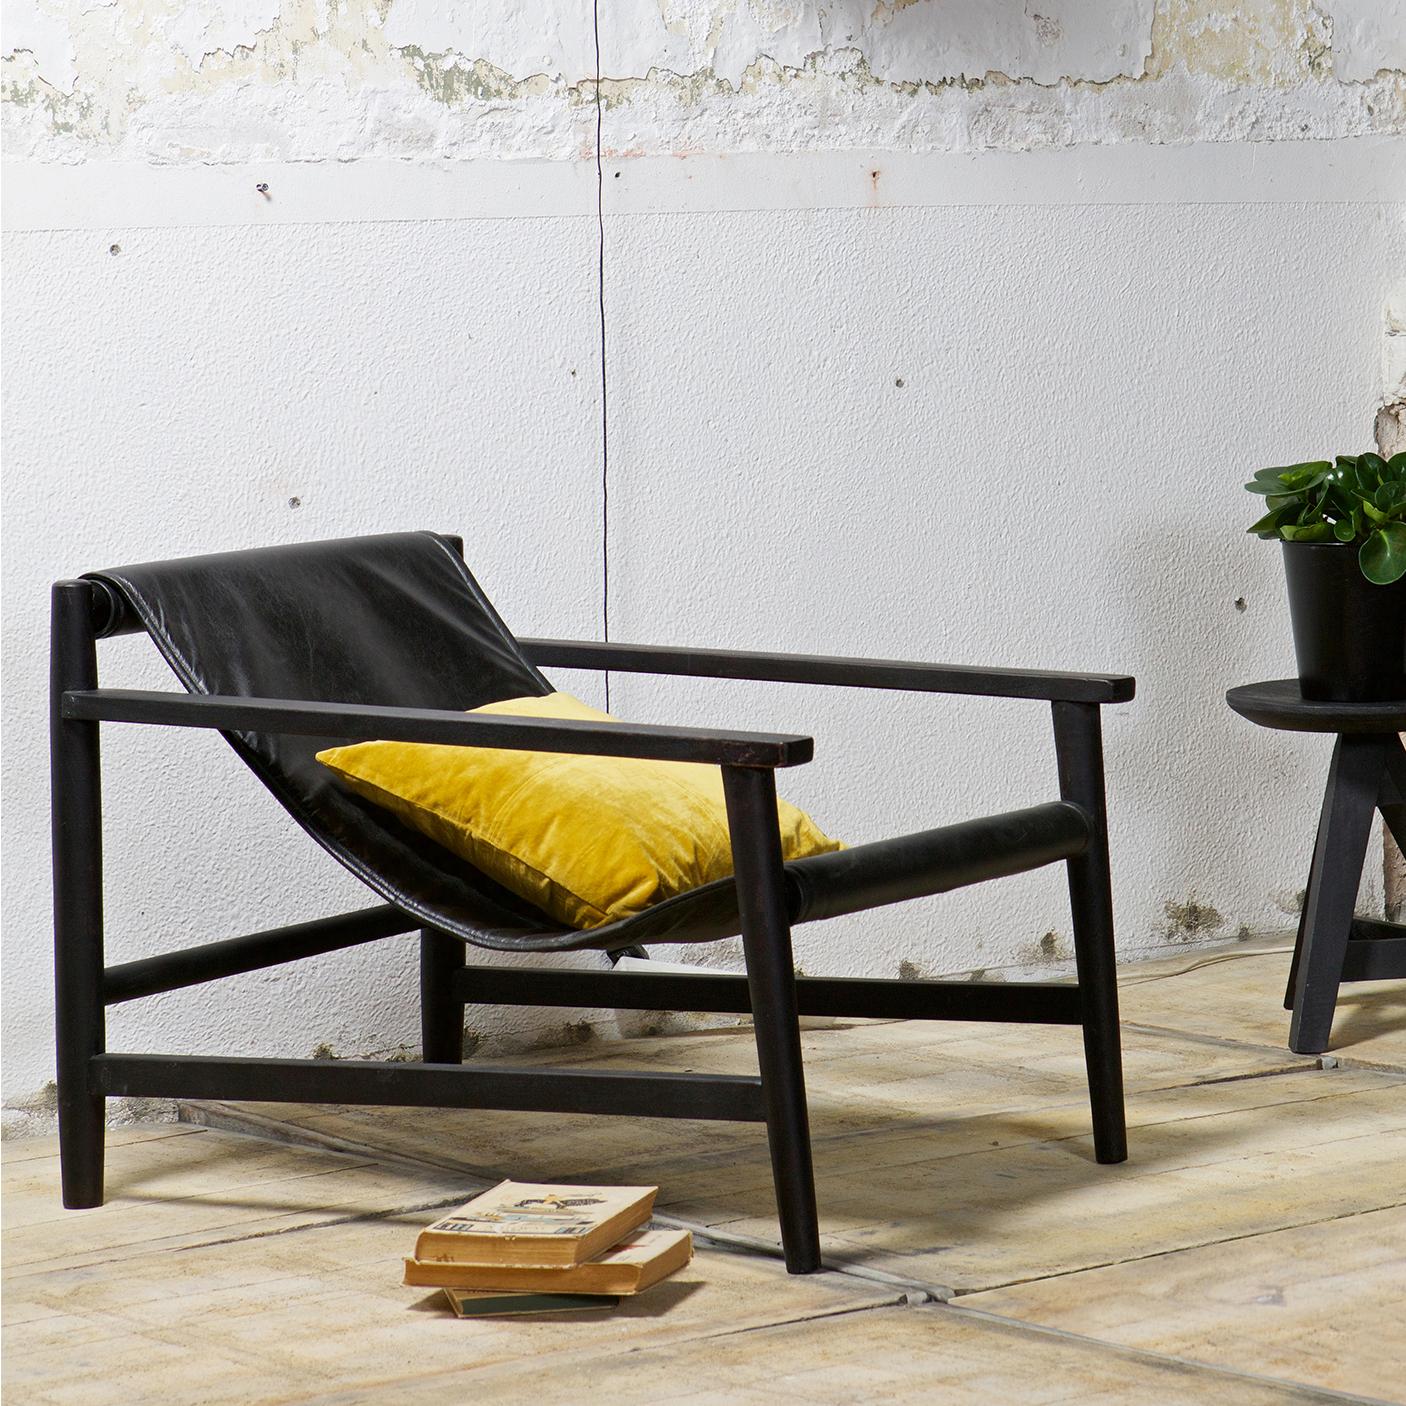 BePureHome Fauteuil 'Sling' leder, kleur zwart met voordeel snel in huis via Meubel Partner